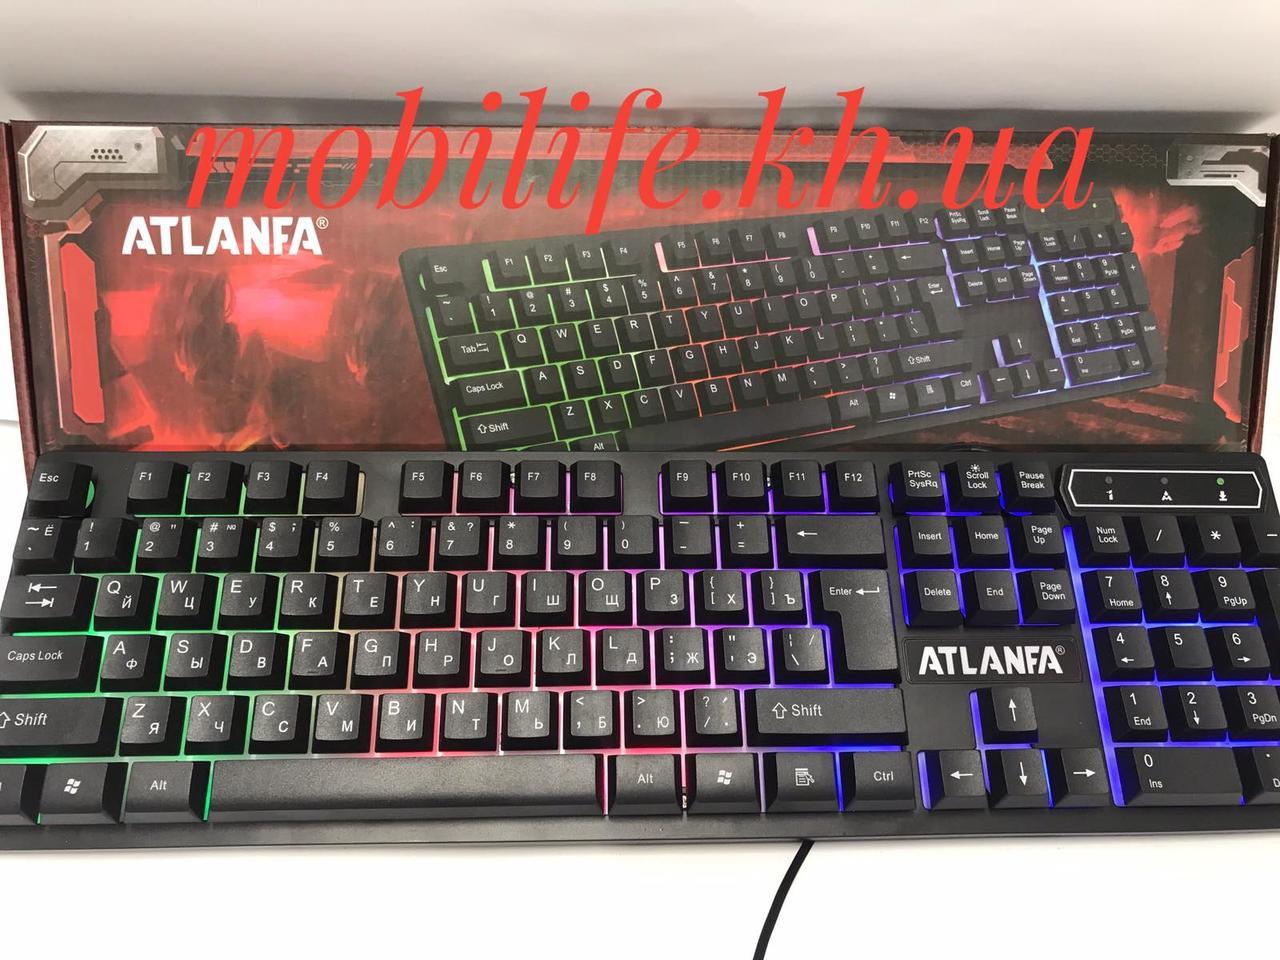 Игровая профессиональная клавиатура | usb проводная компьютерная клавиатура CNV KR 6300 с подсветкой